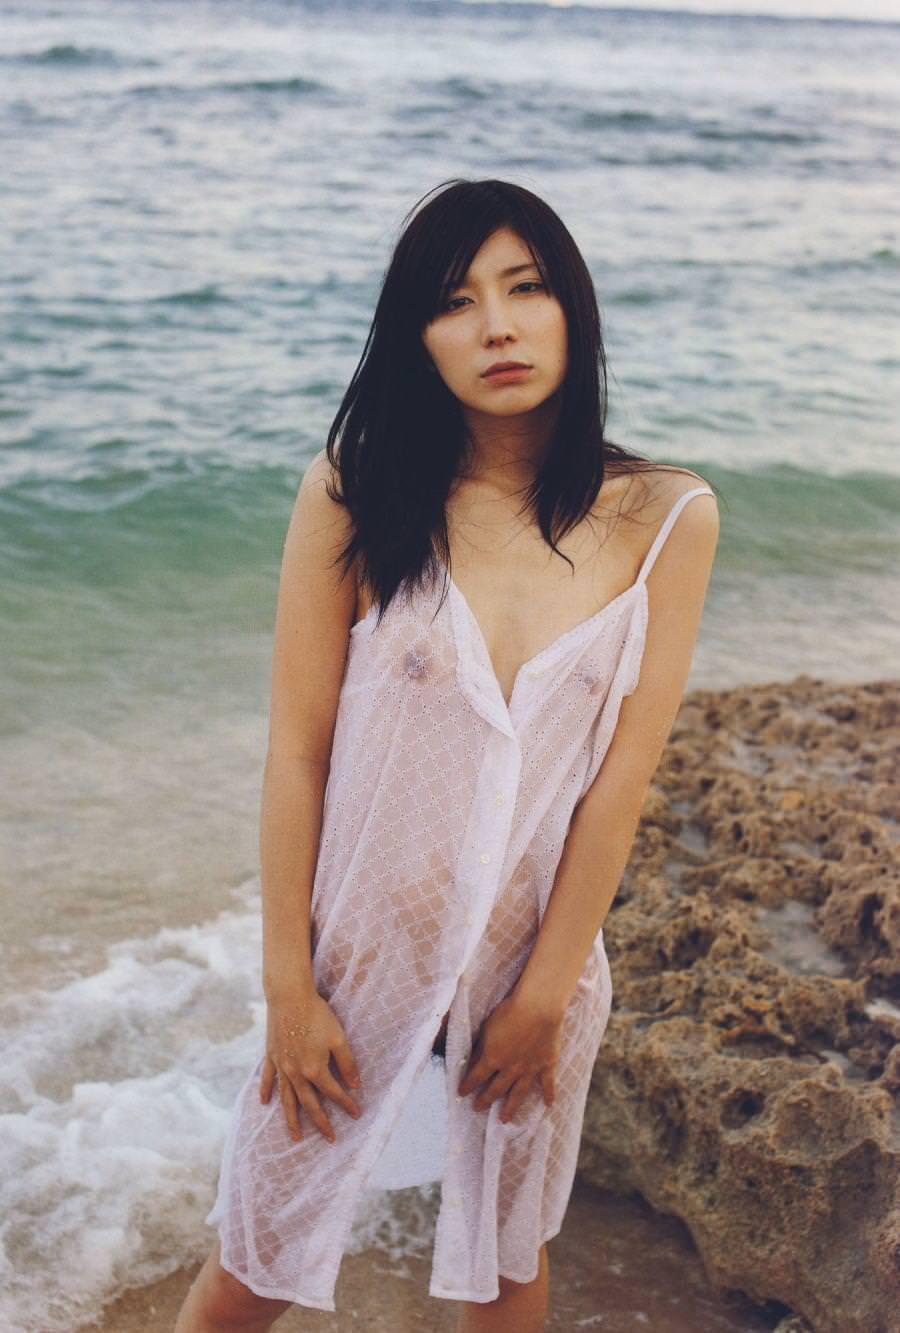 美女 着衣 濡れる 乳首 マン毛 透ける エロ画像【26】